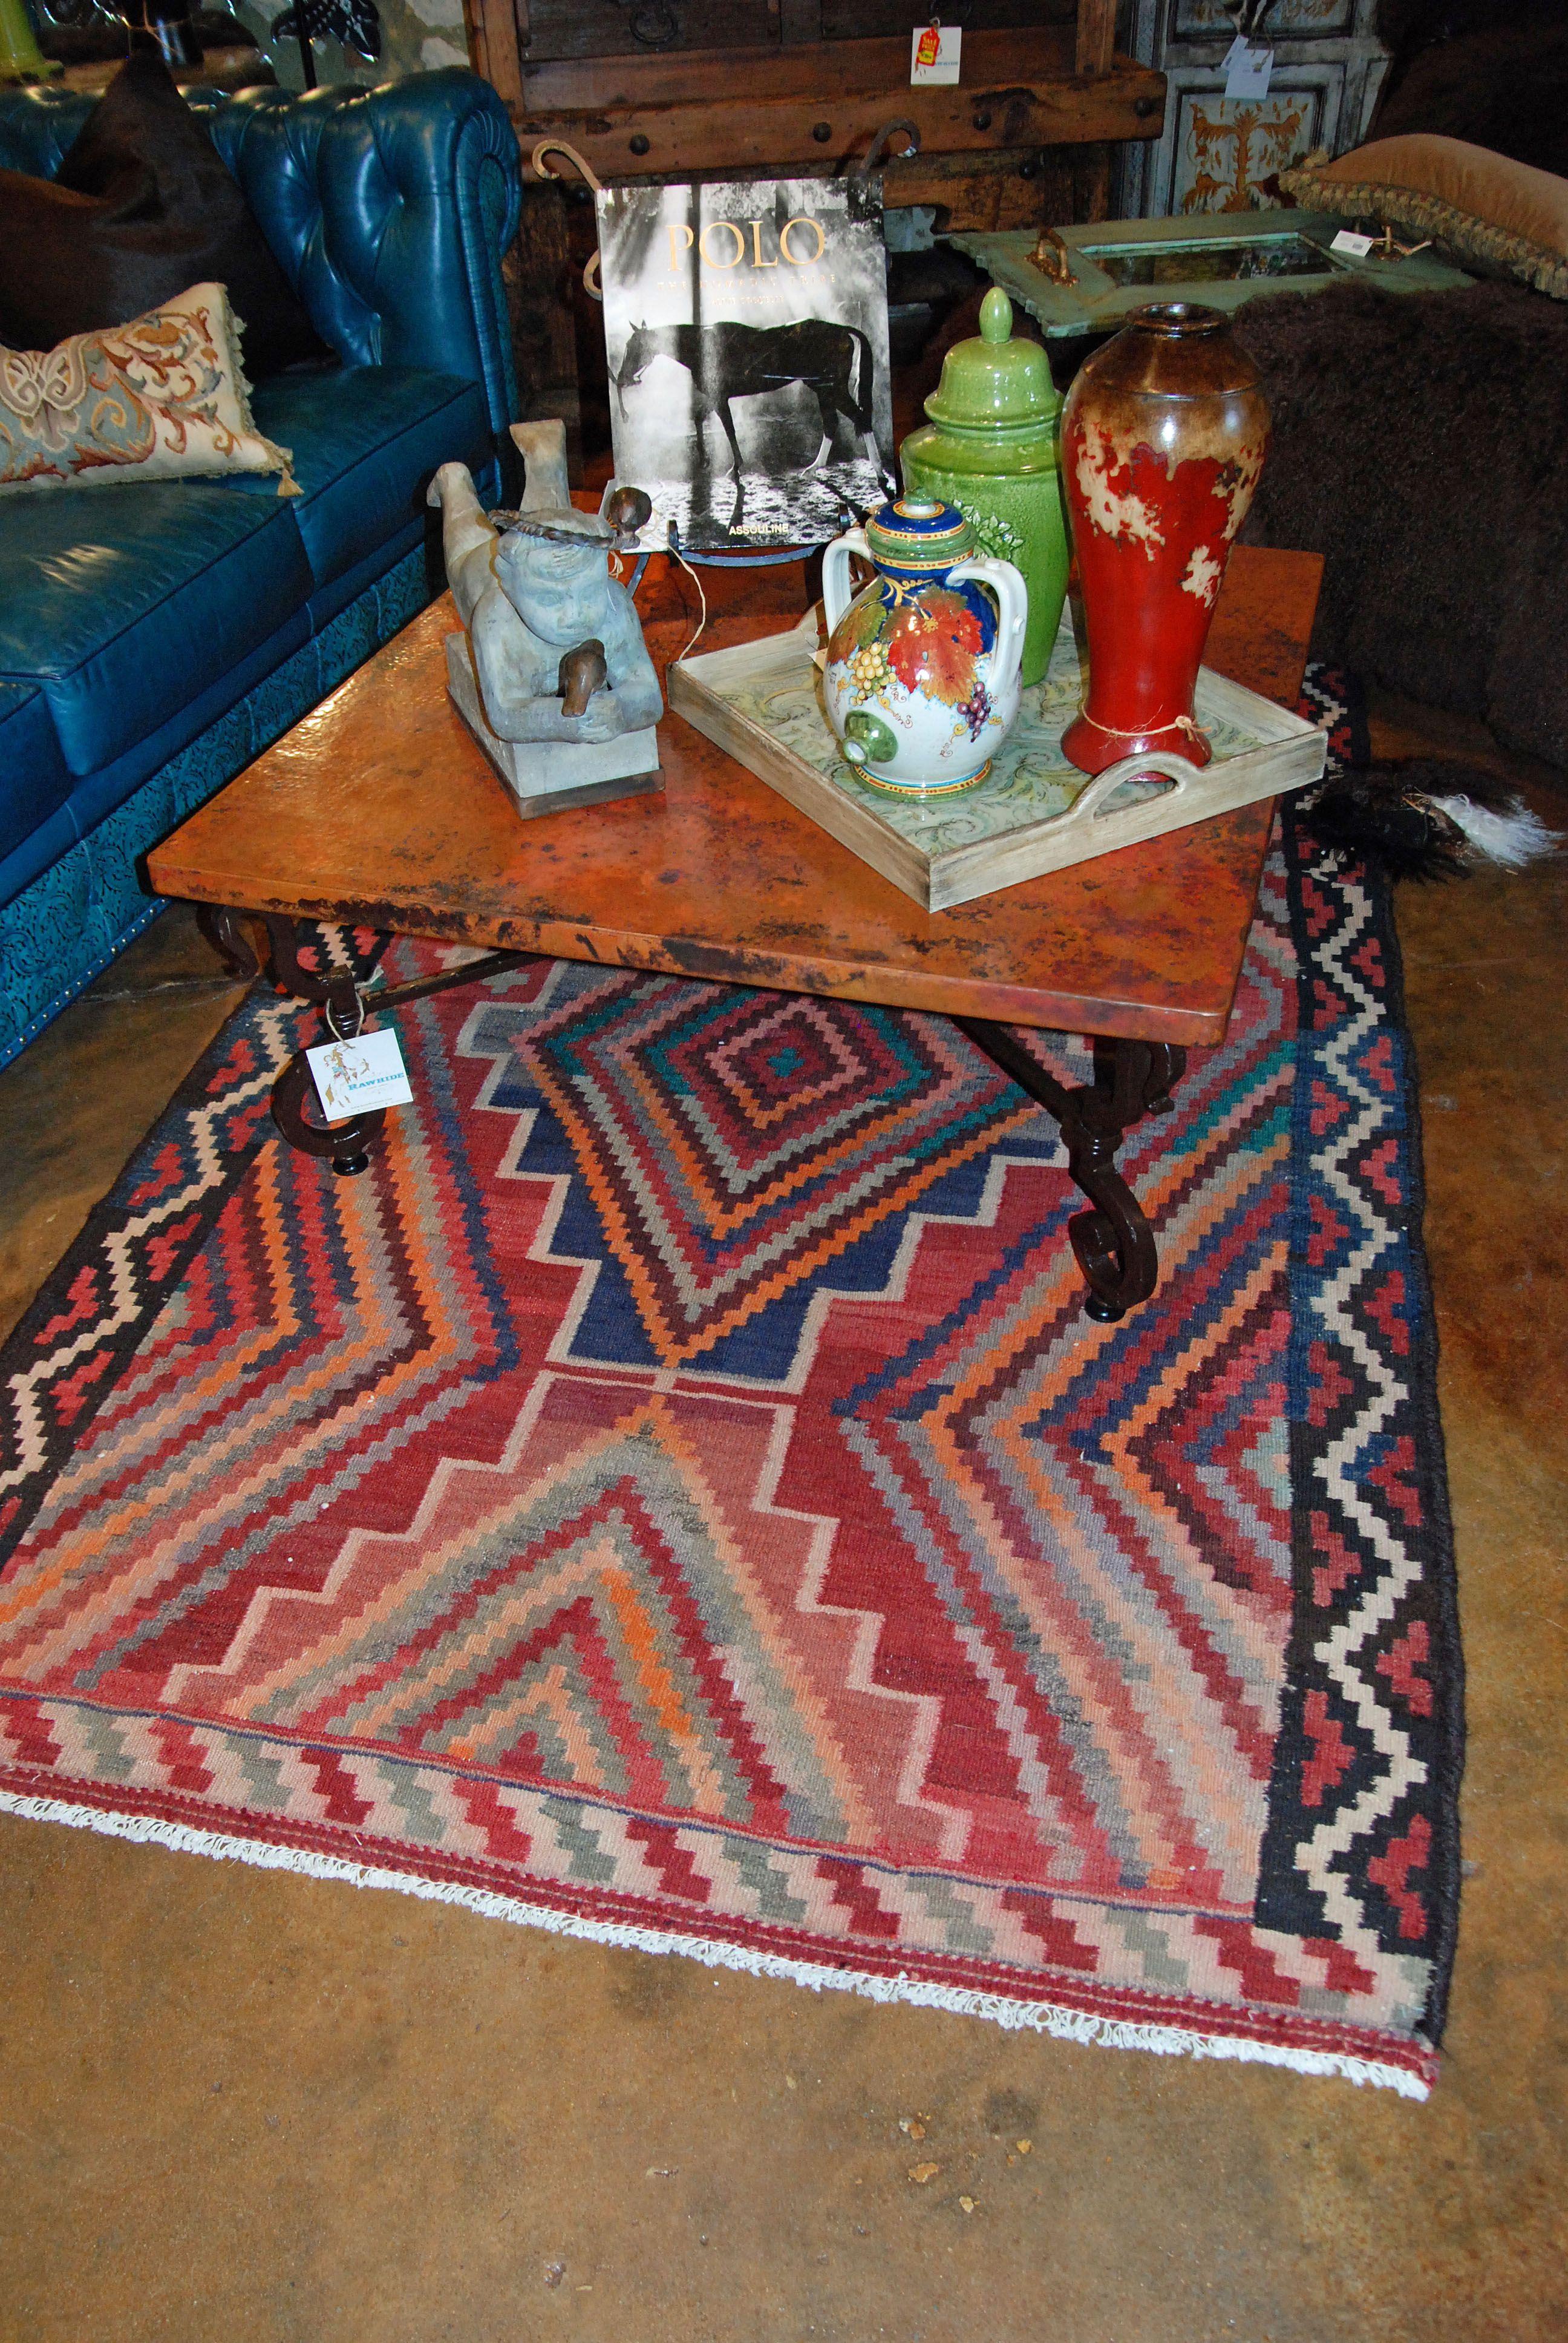 Square Copper Coffee Table Area Rug Httpwwwrawhideranchcocom - Square copper coffee table